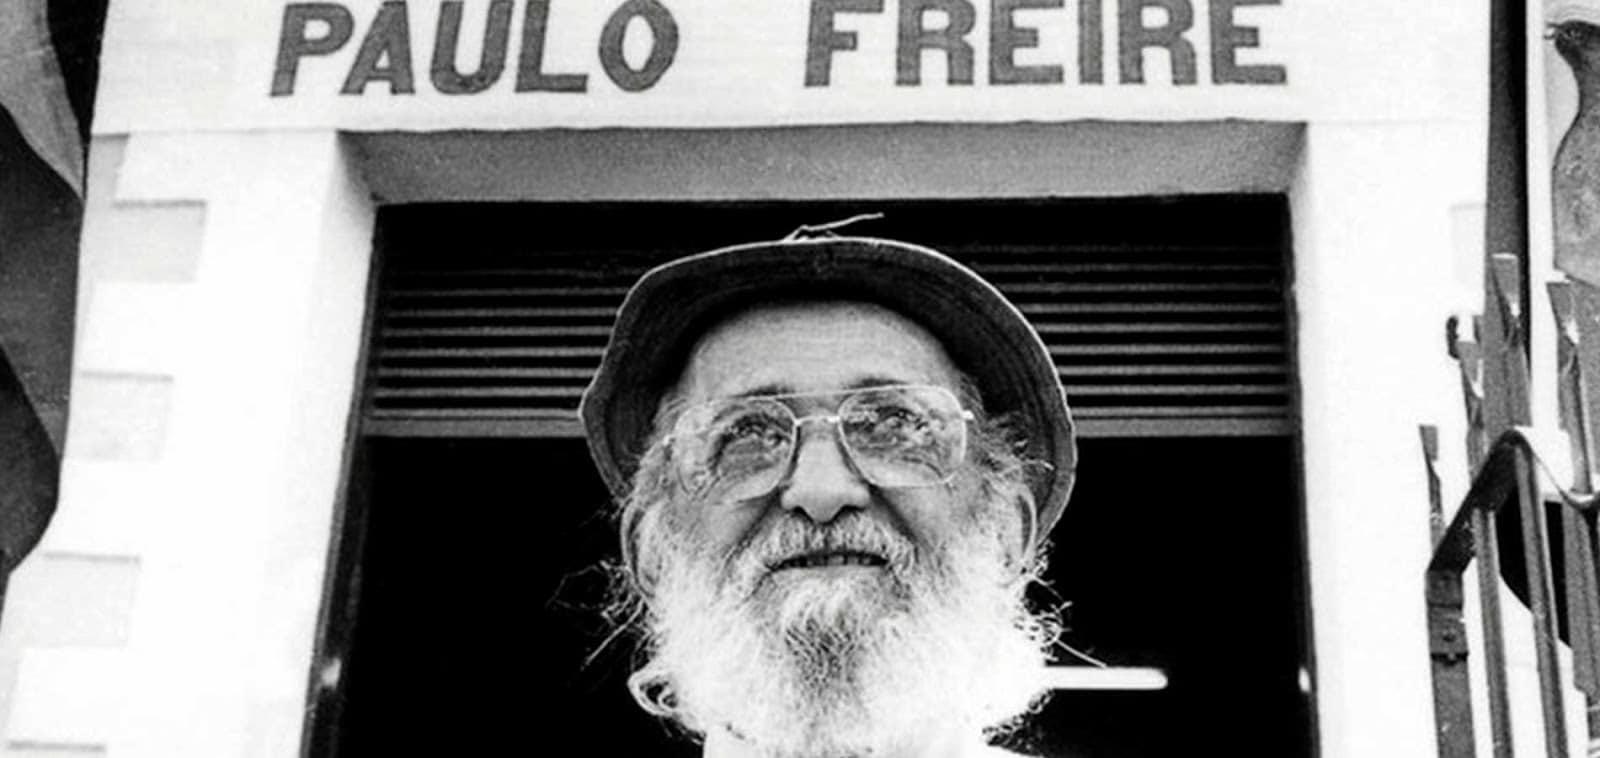 PAULO FREIRE LIBROS 3